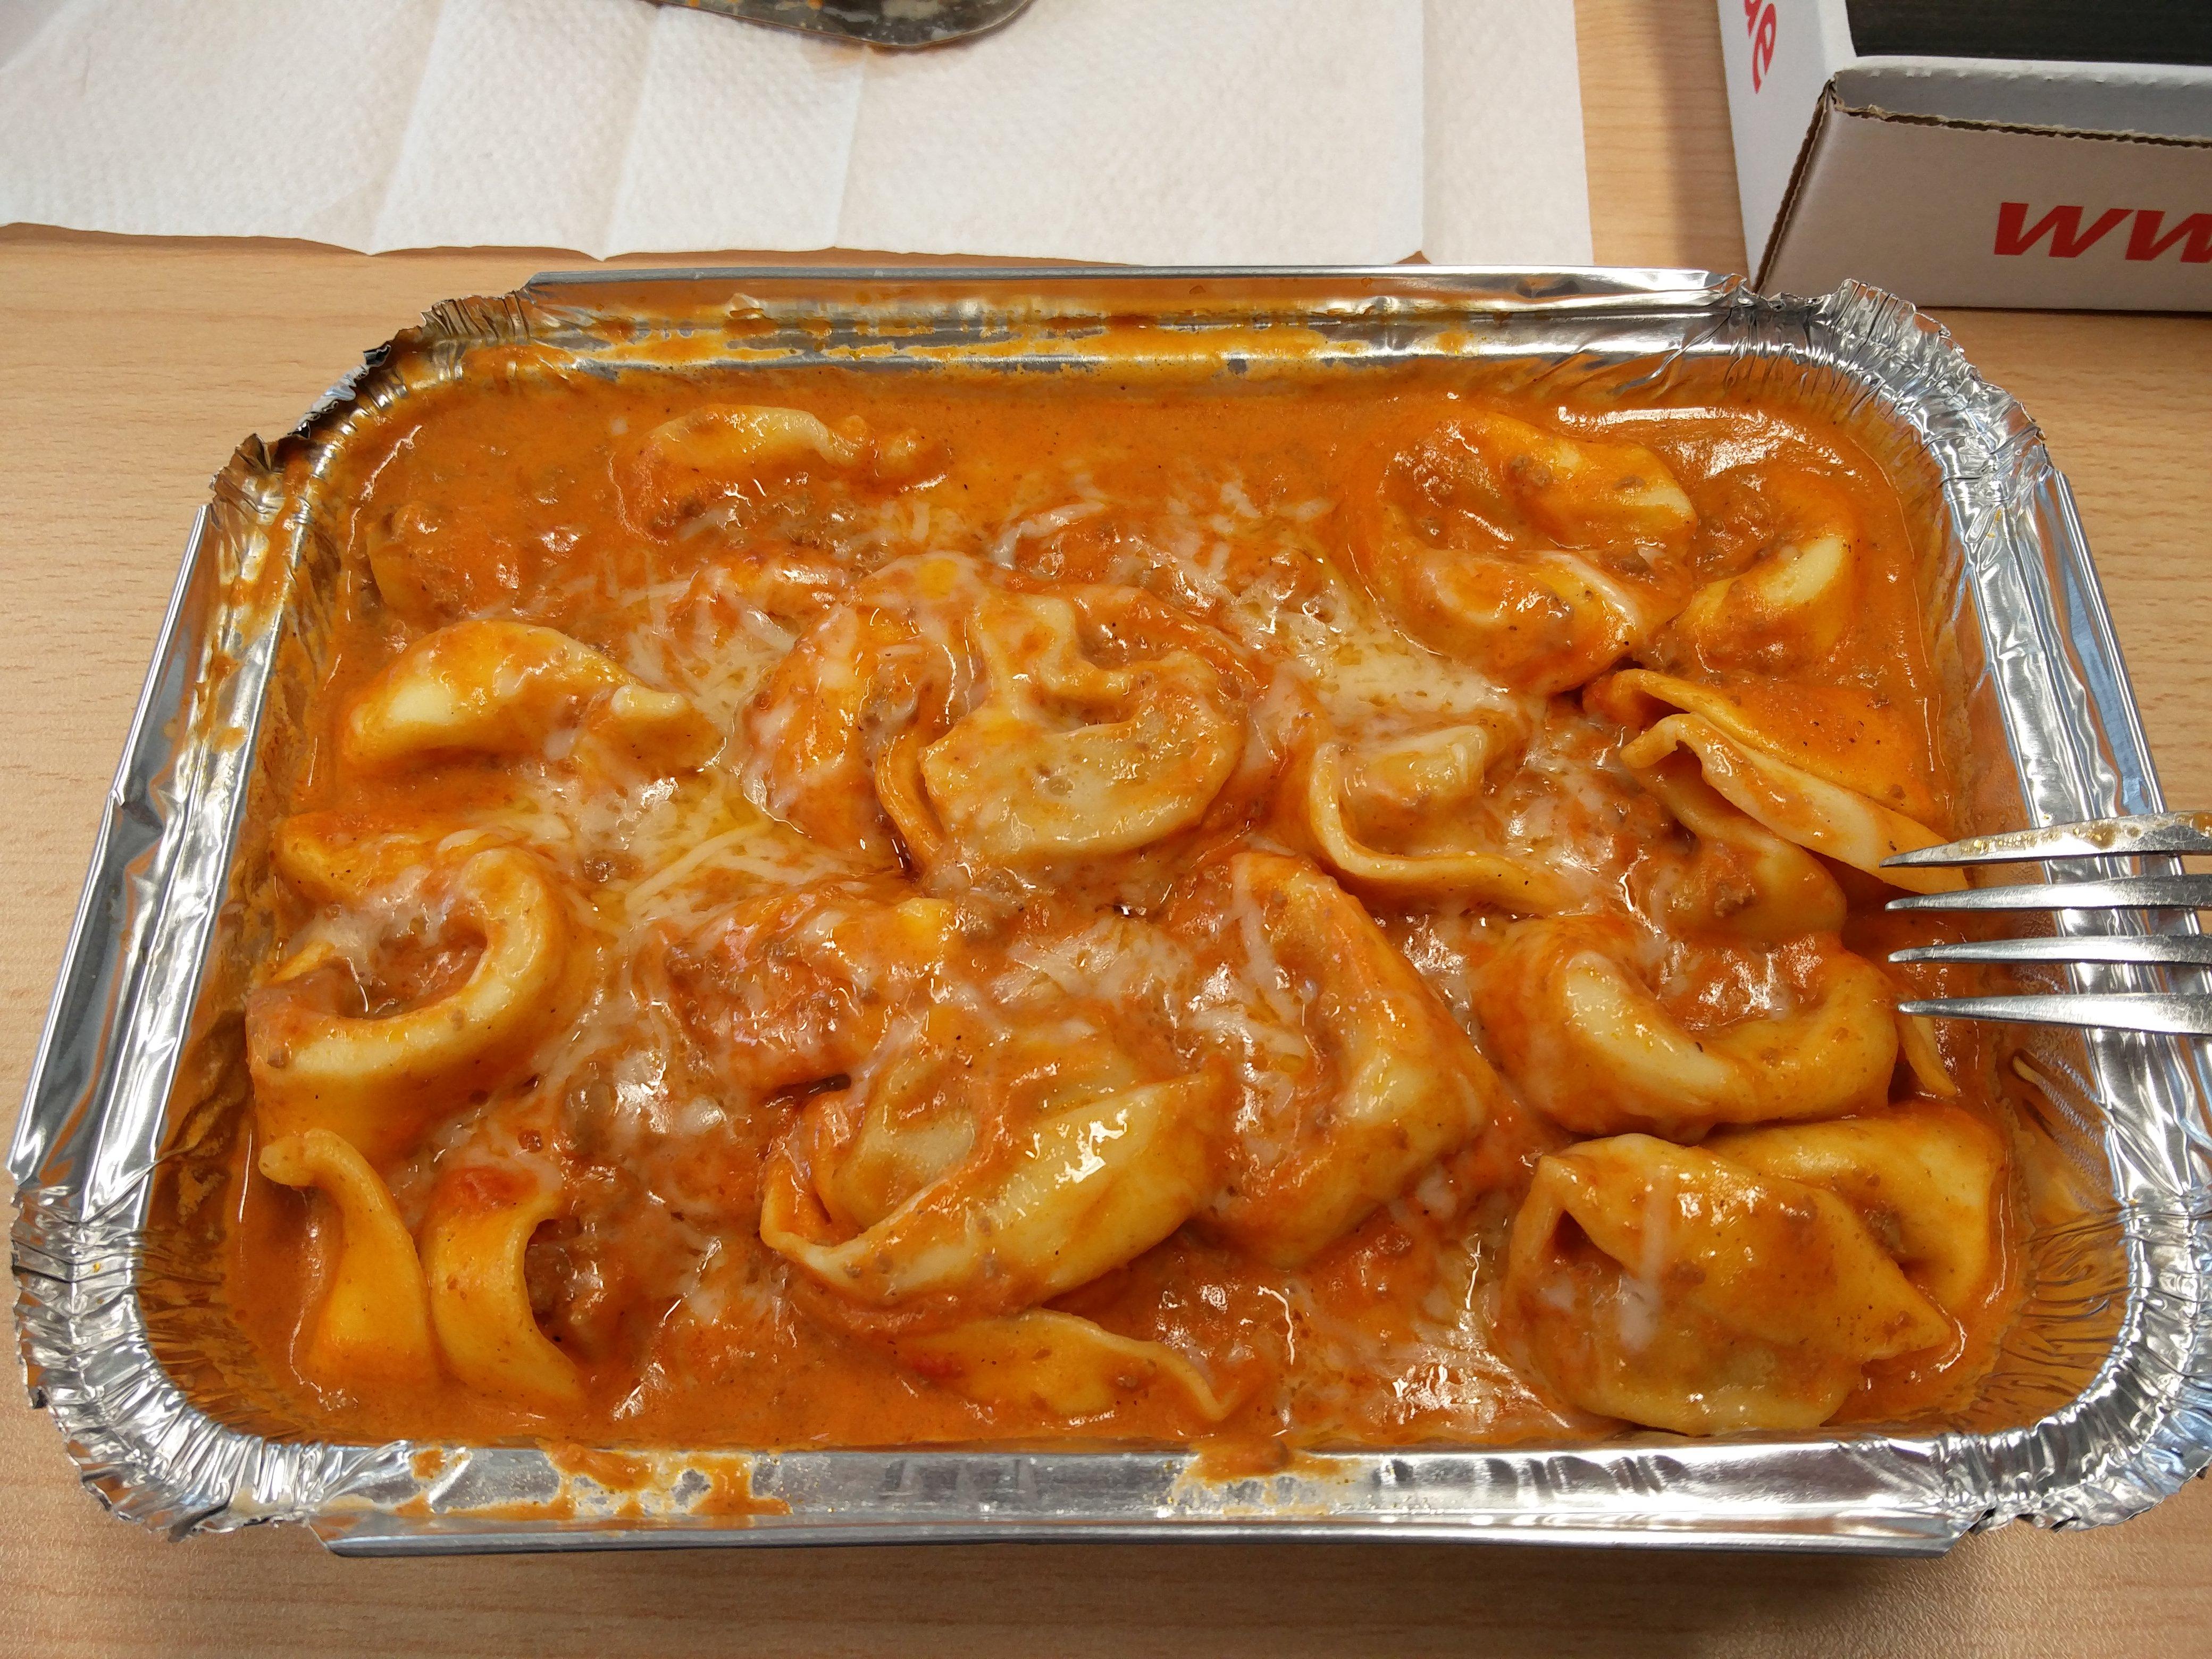 https://foodloader.net/nico_2016-11-23_tortelloni-in-bolognese-sauce.jpg